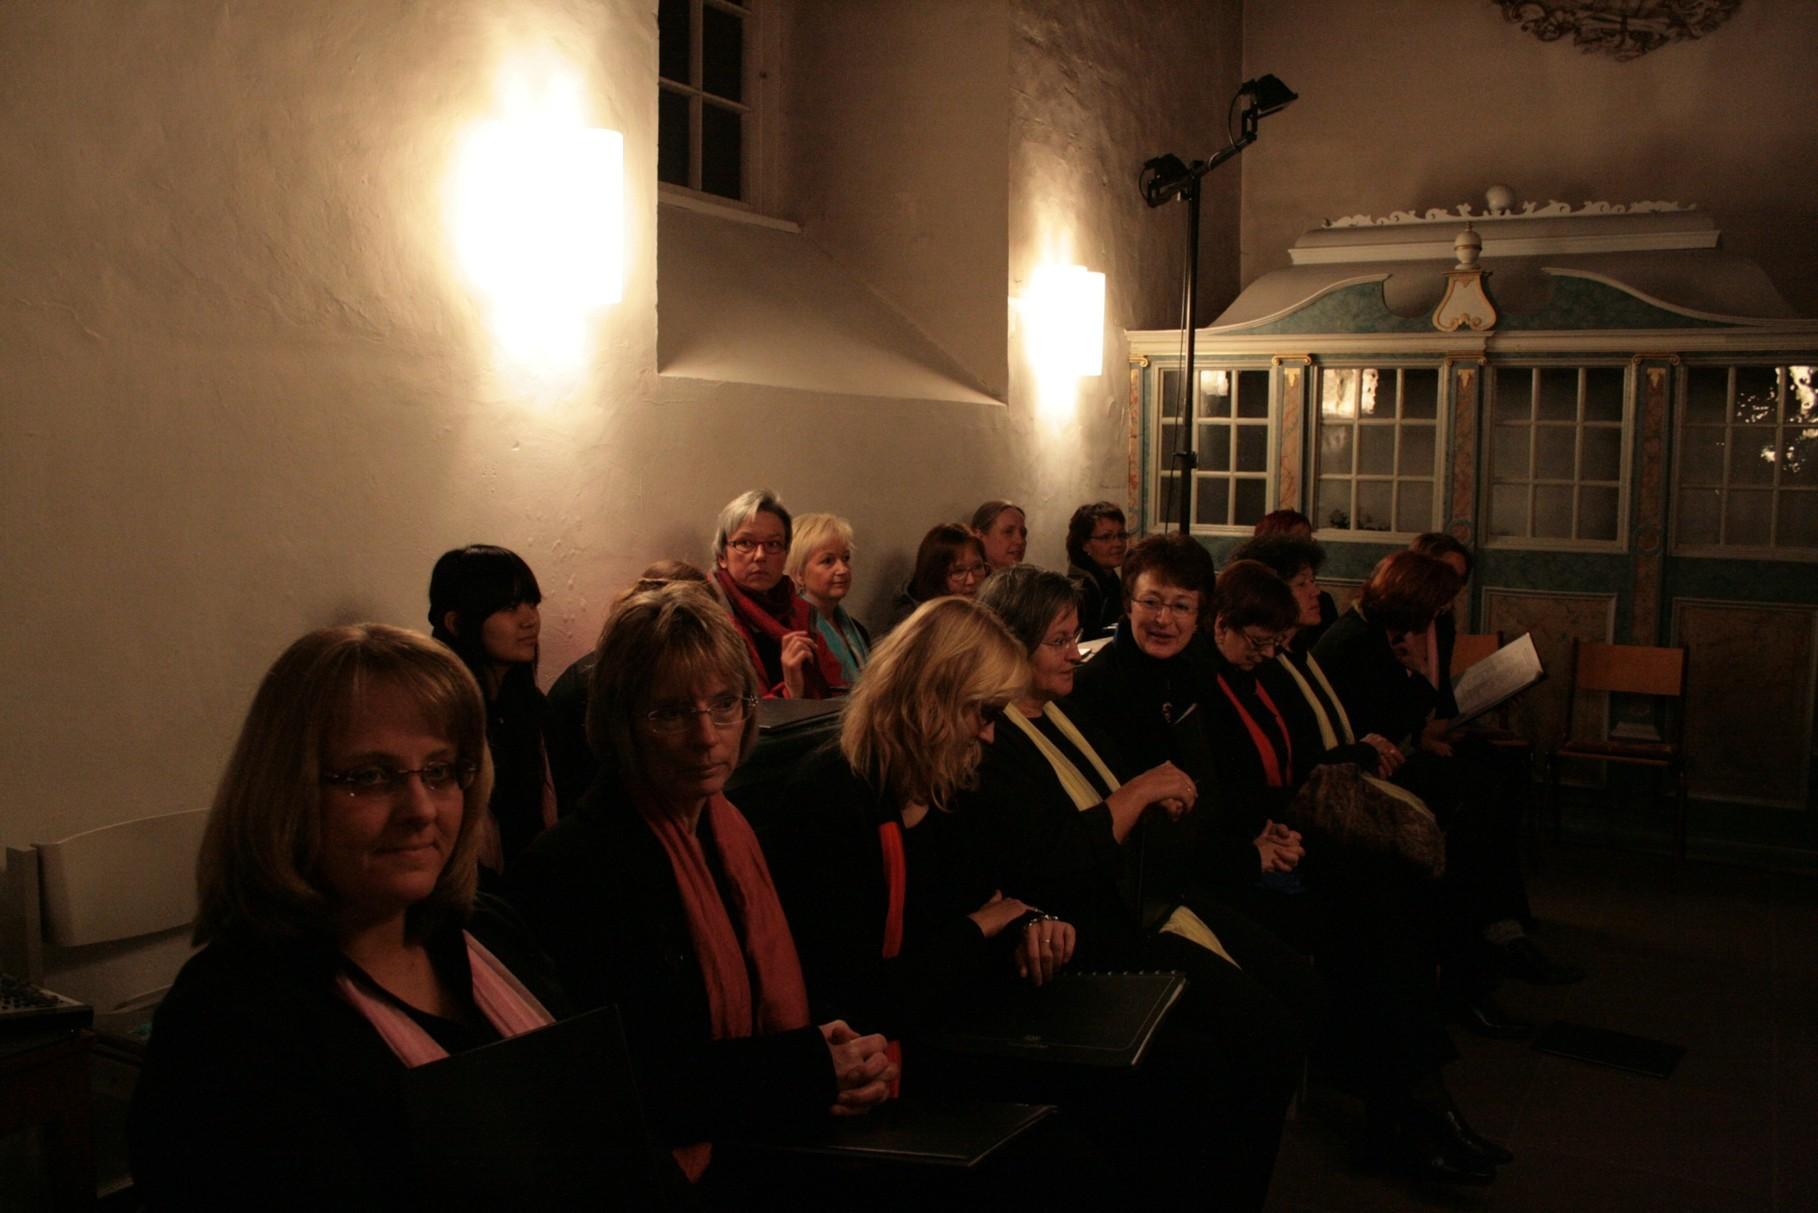 Alle warteten gespannt auf den Beginn des Konzerts,...